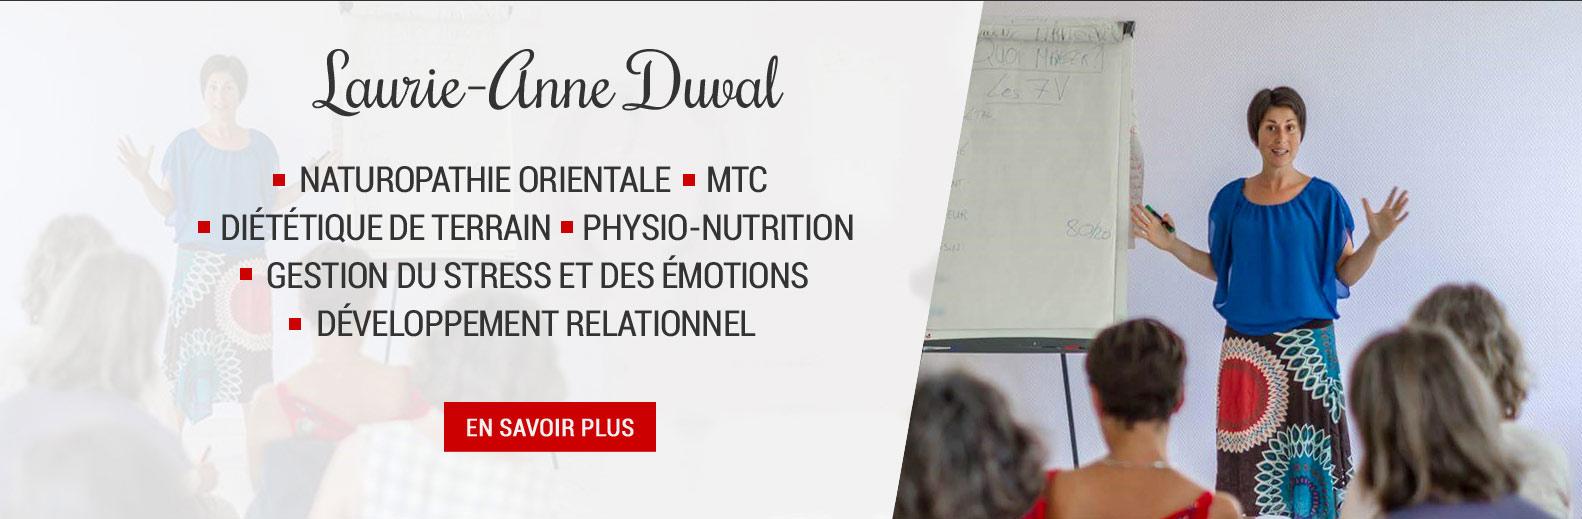 Laurie-Anne DUVAL, naturopathie, santé naturelle